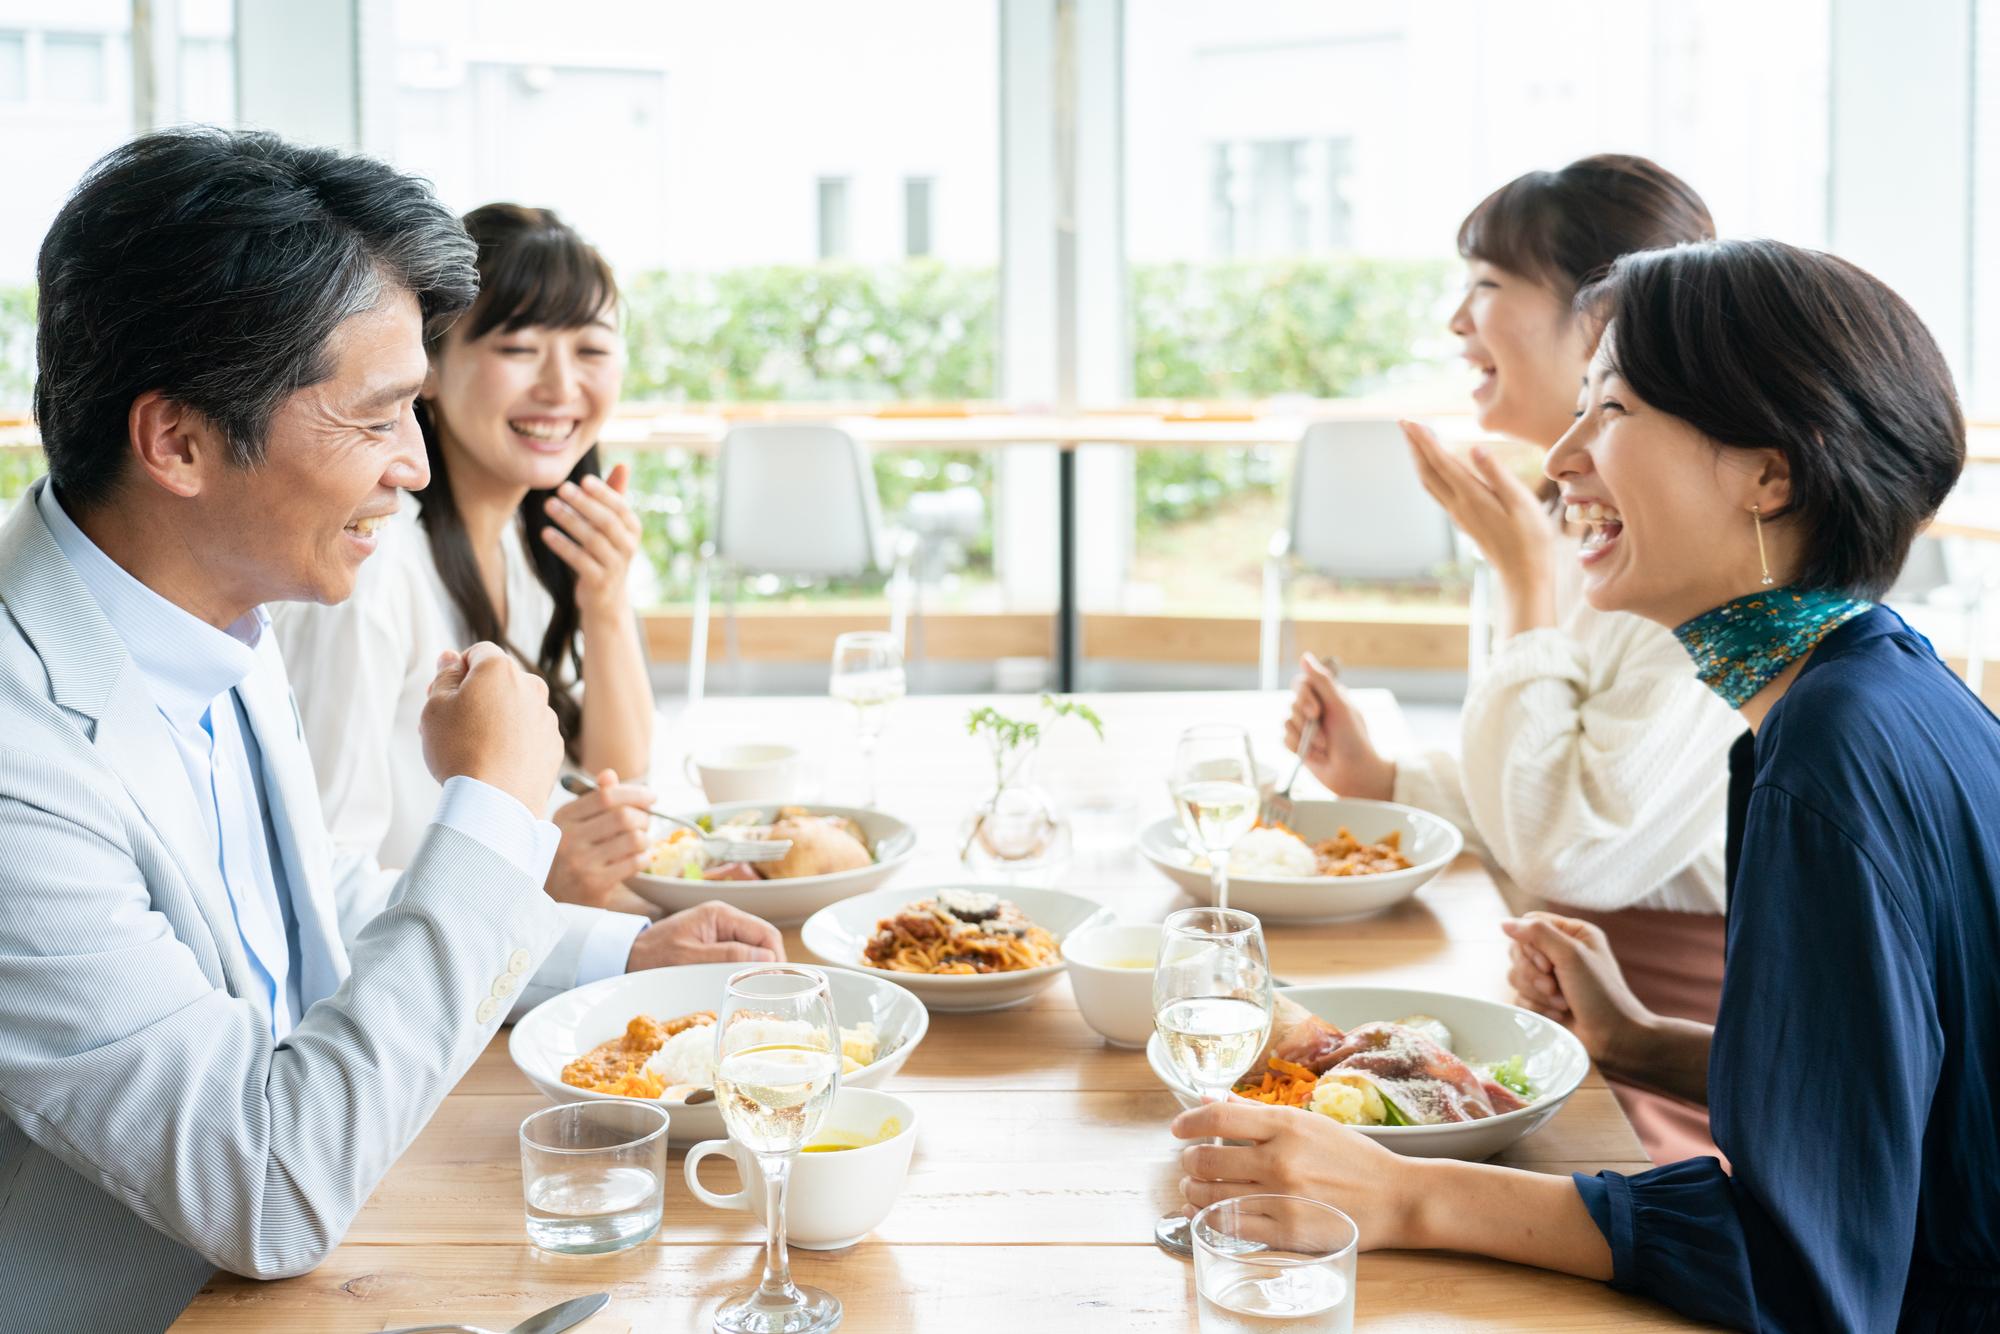 新年会の企画を立案する男性と女性陣